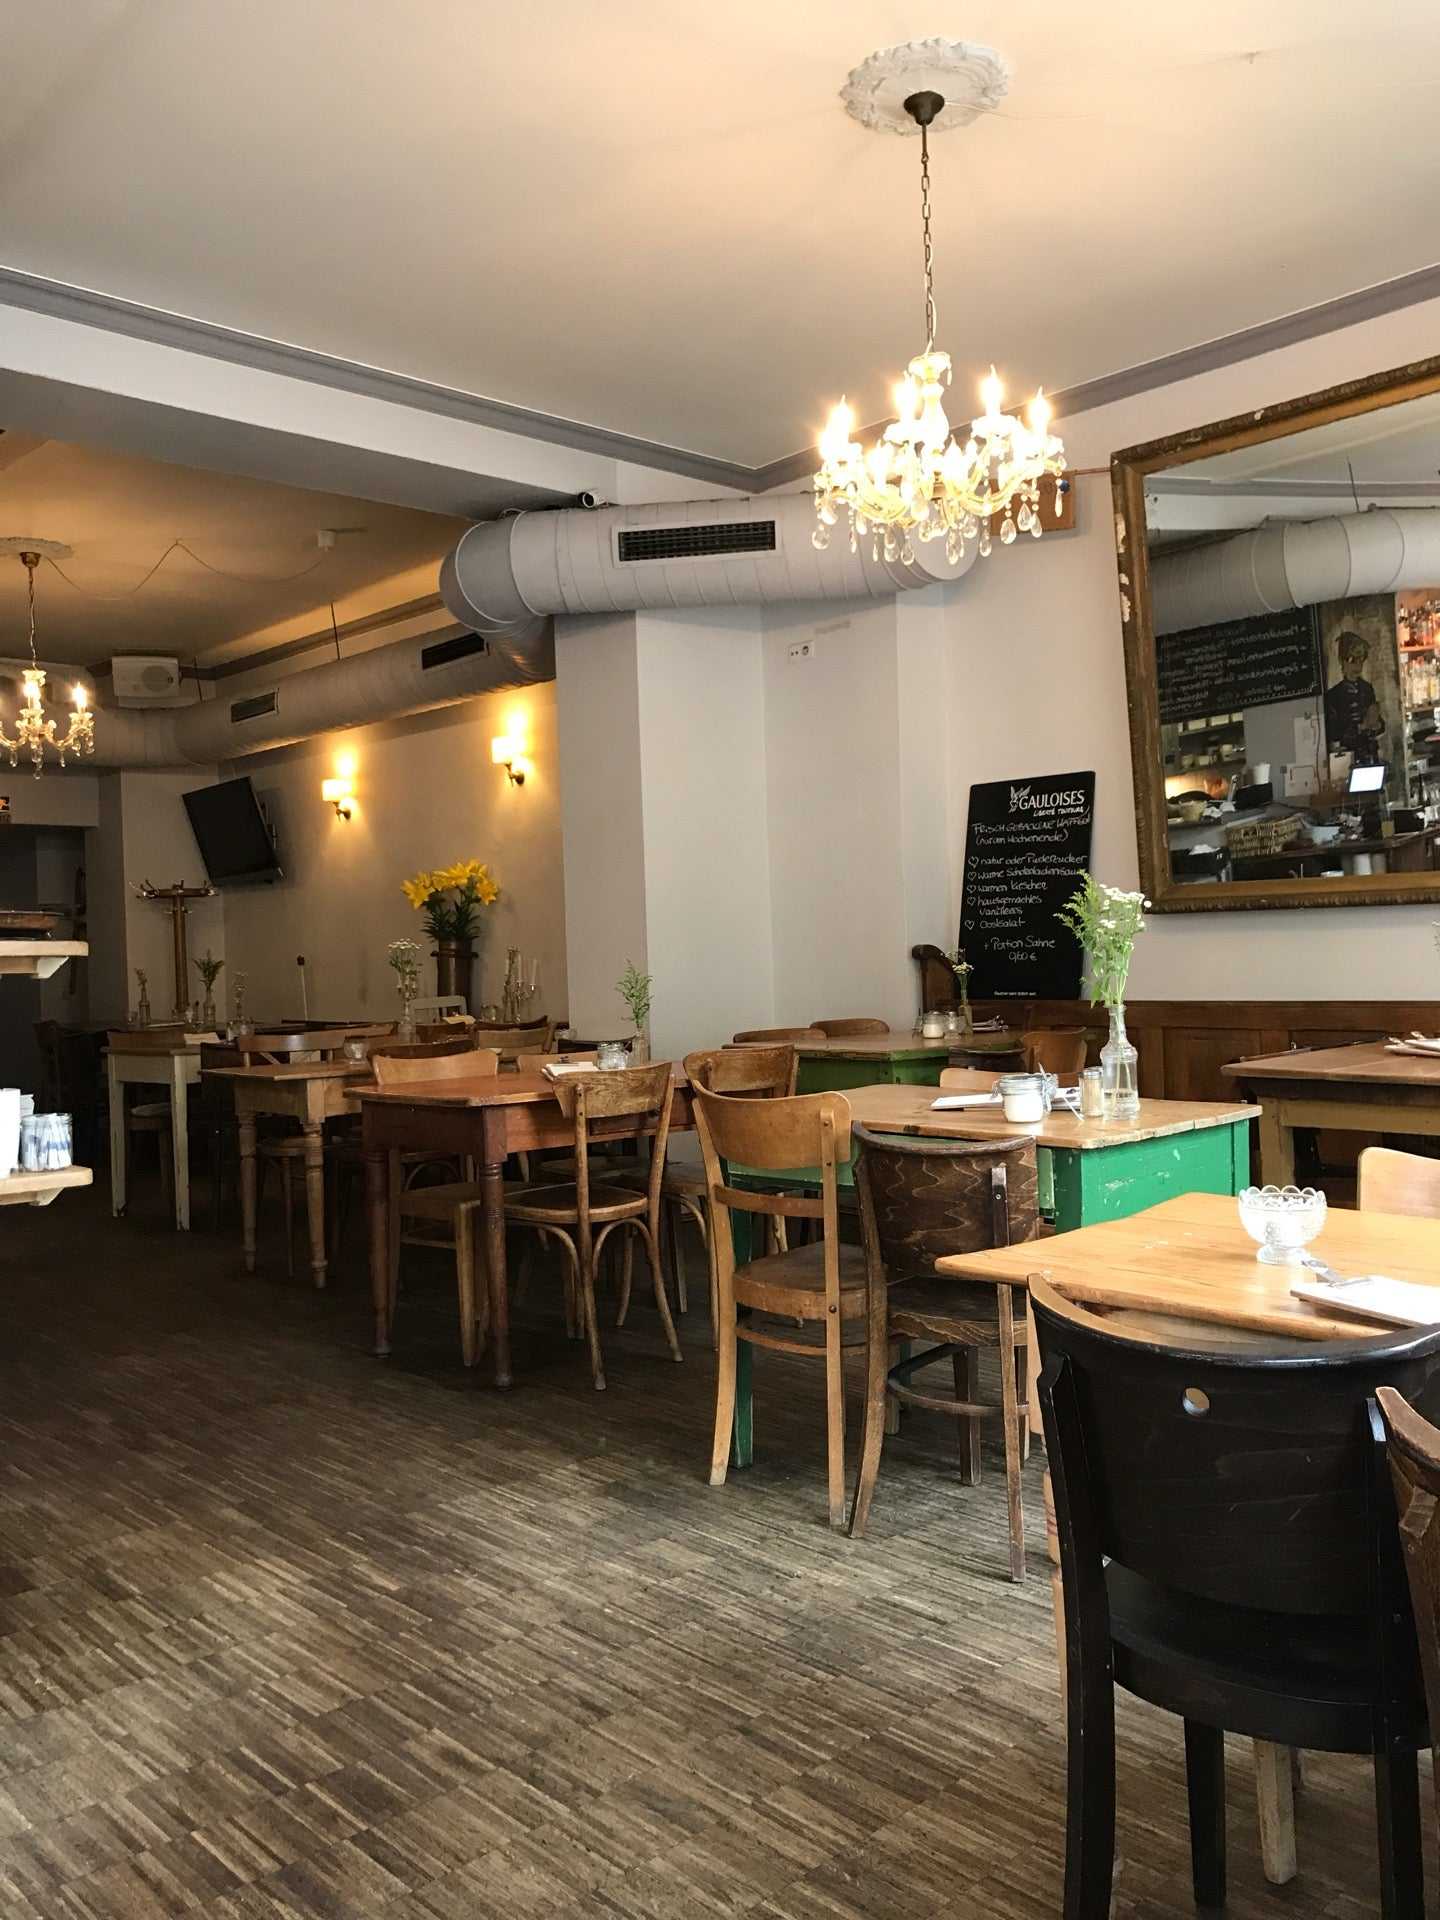 Groß Billigste Küchenschränke Toronto Fotos - Küche Set Ideen ...